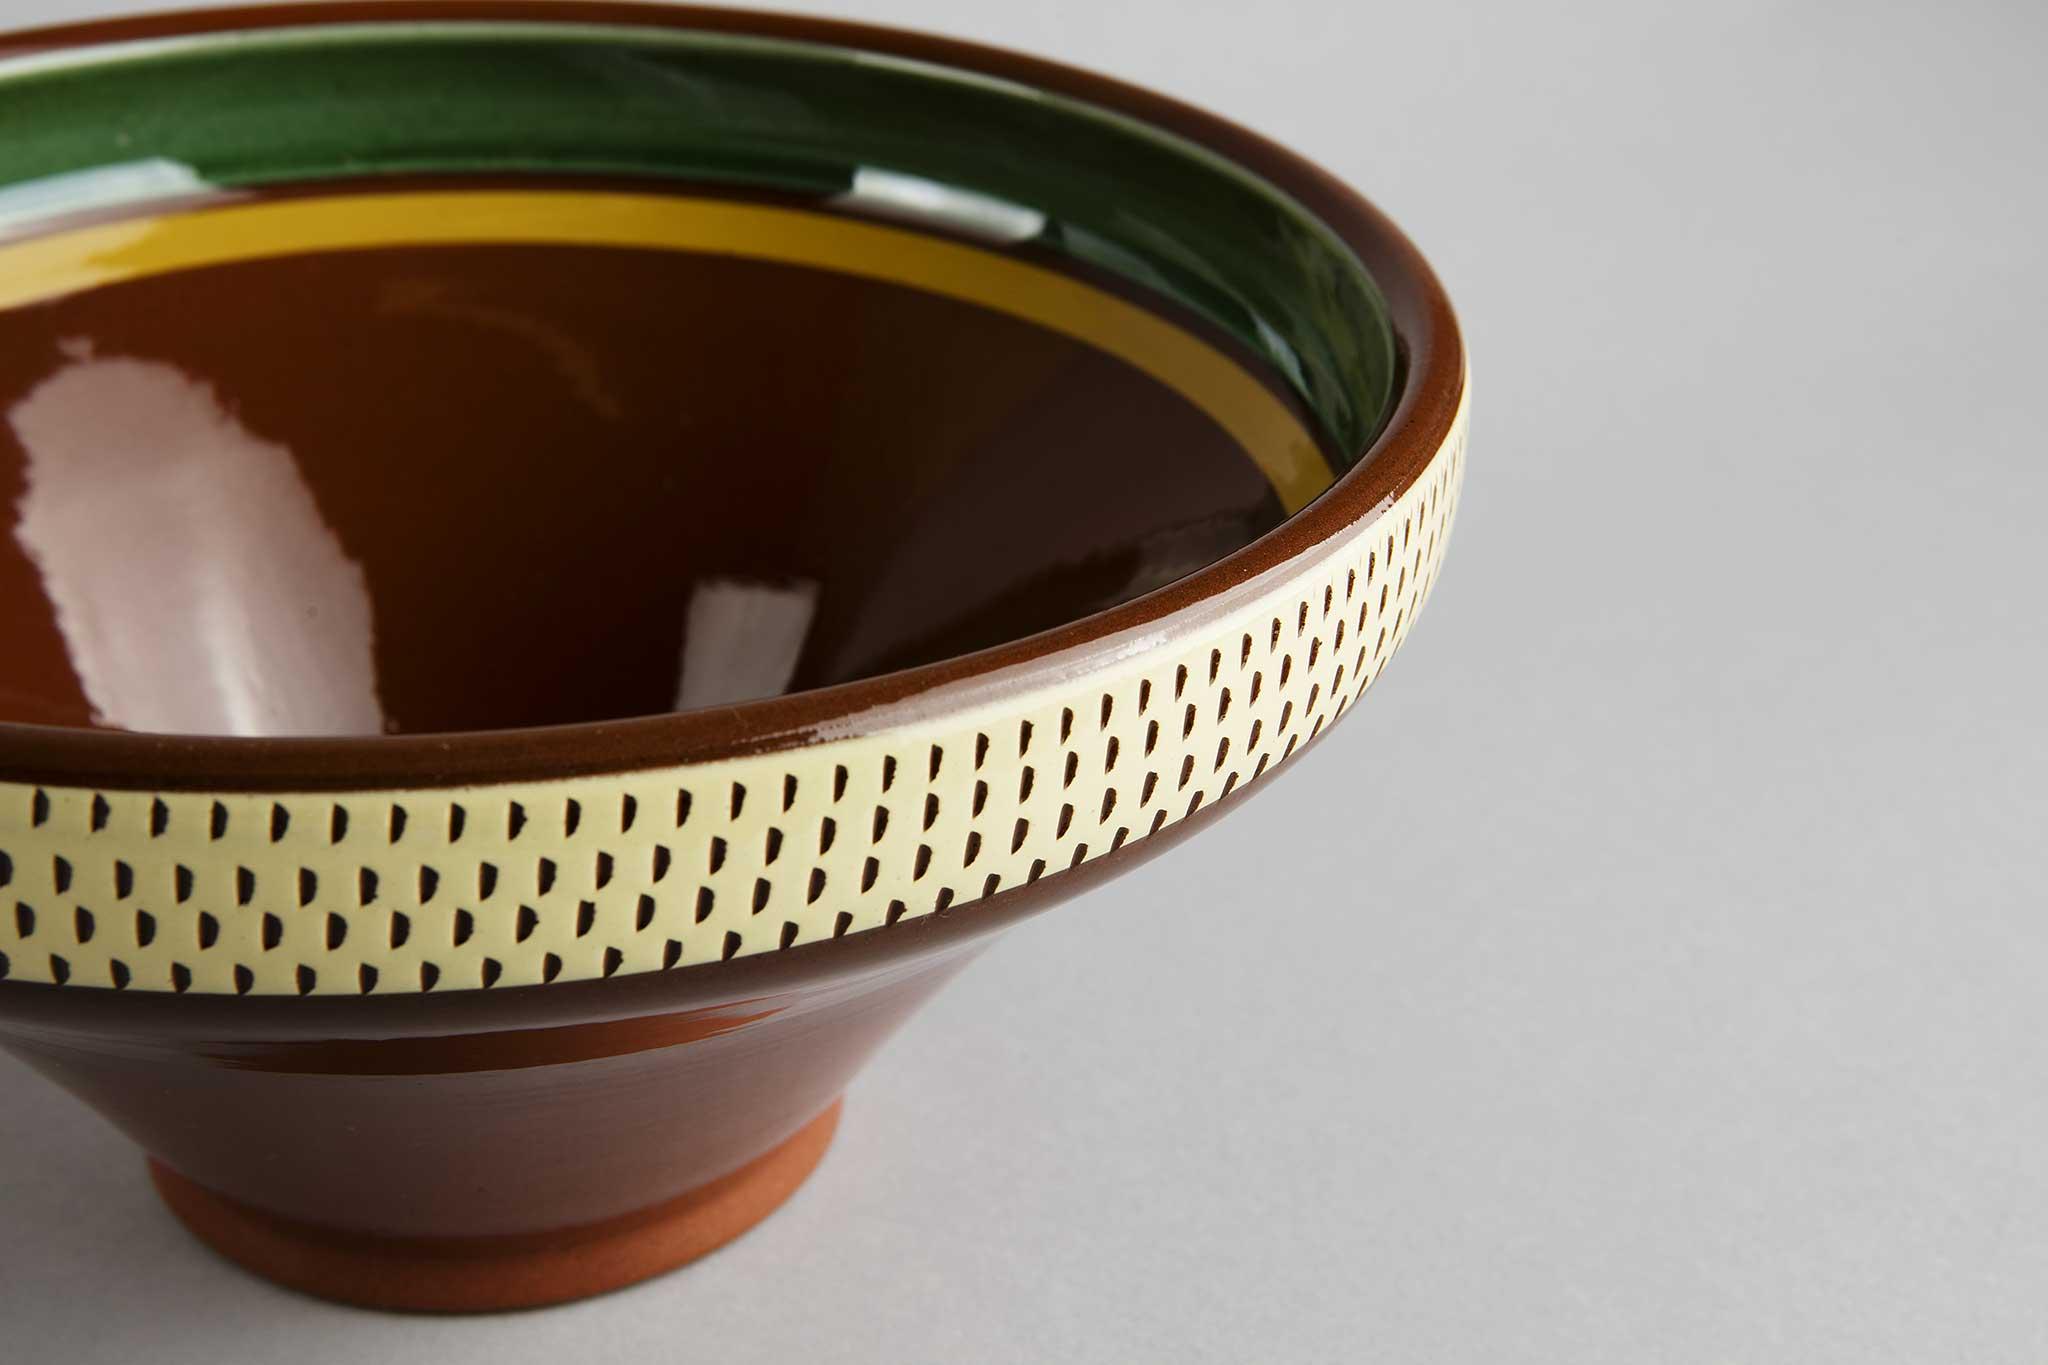 Høy skål, Hammerkrok, fra Potteriet Røros. Foto: Tom Gustavsen